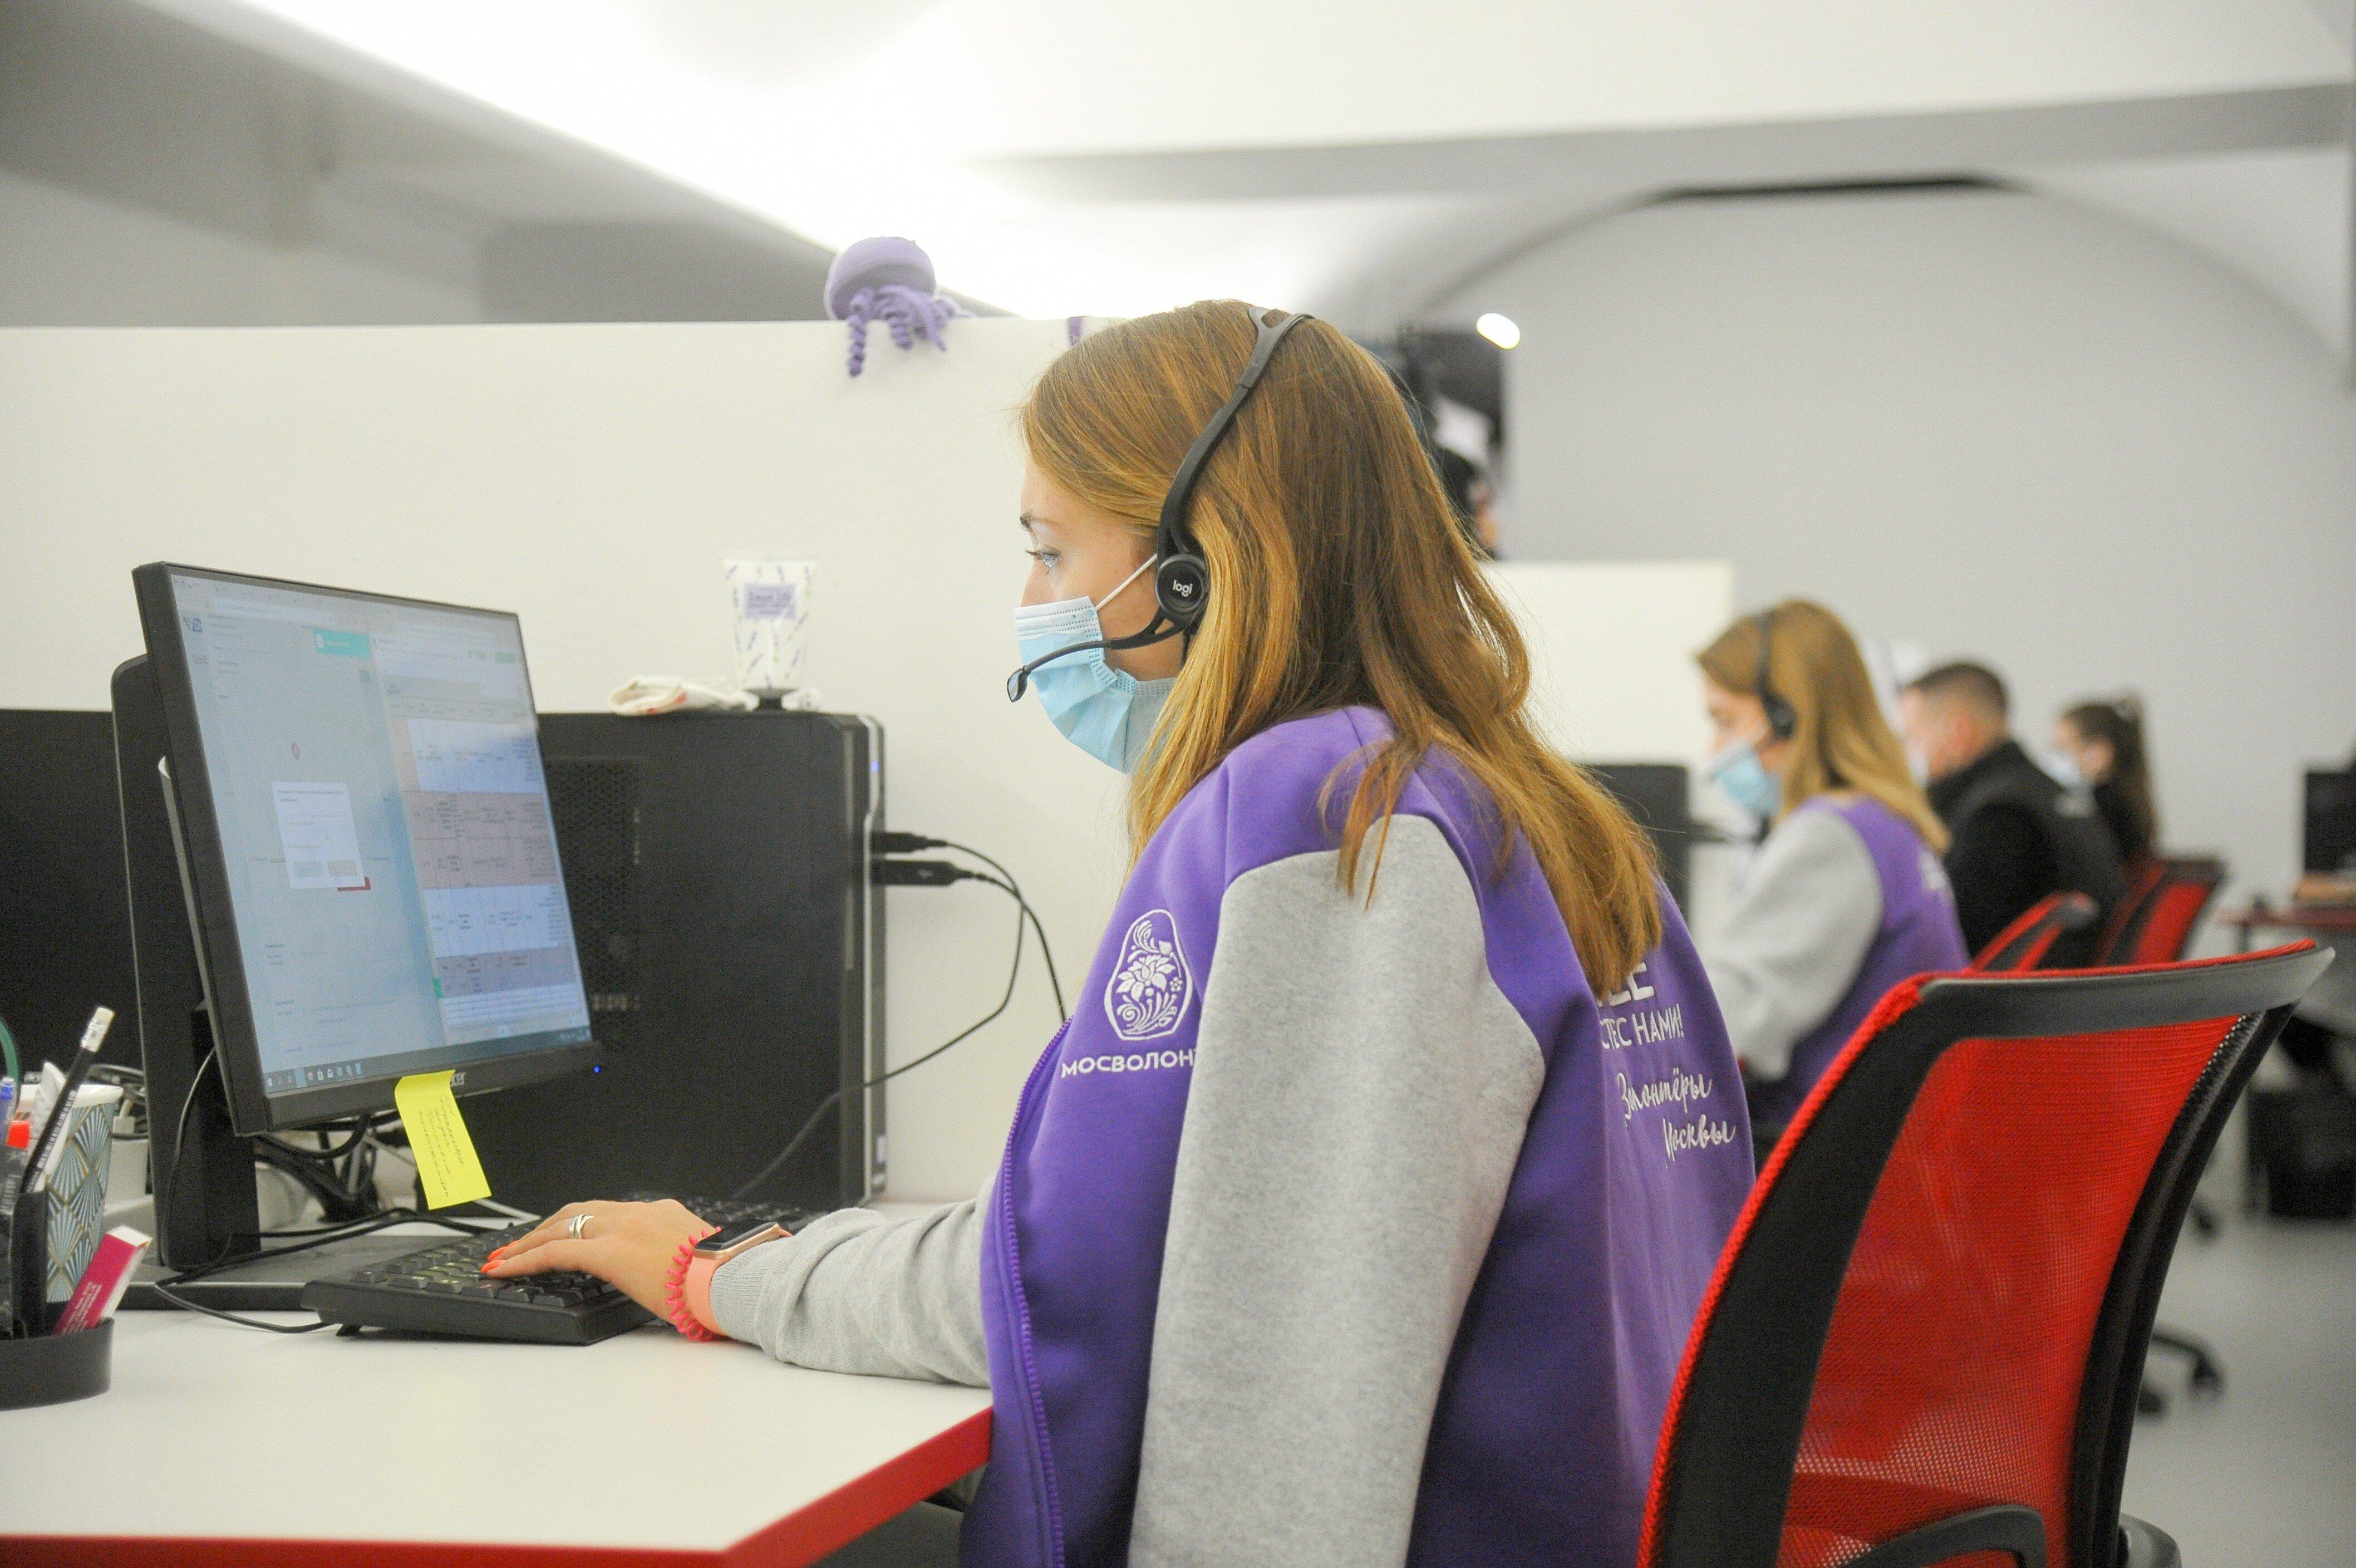 Мурашко назвал значимым вклад волонтёров-медиков в развитие здравоохранения России